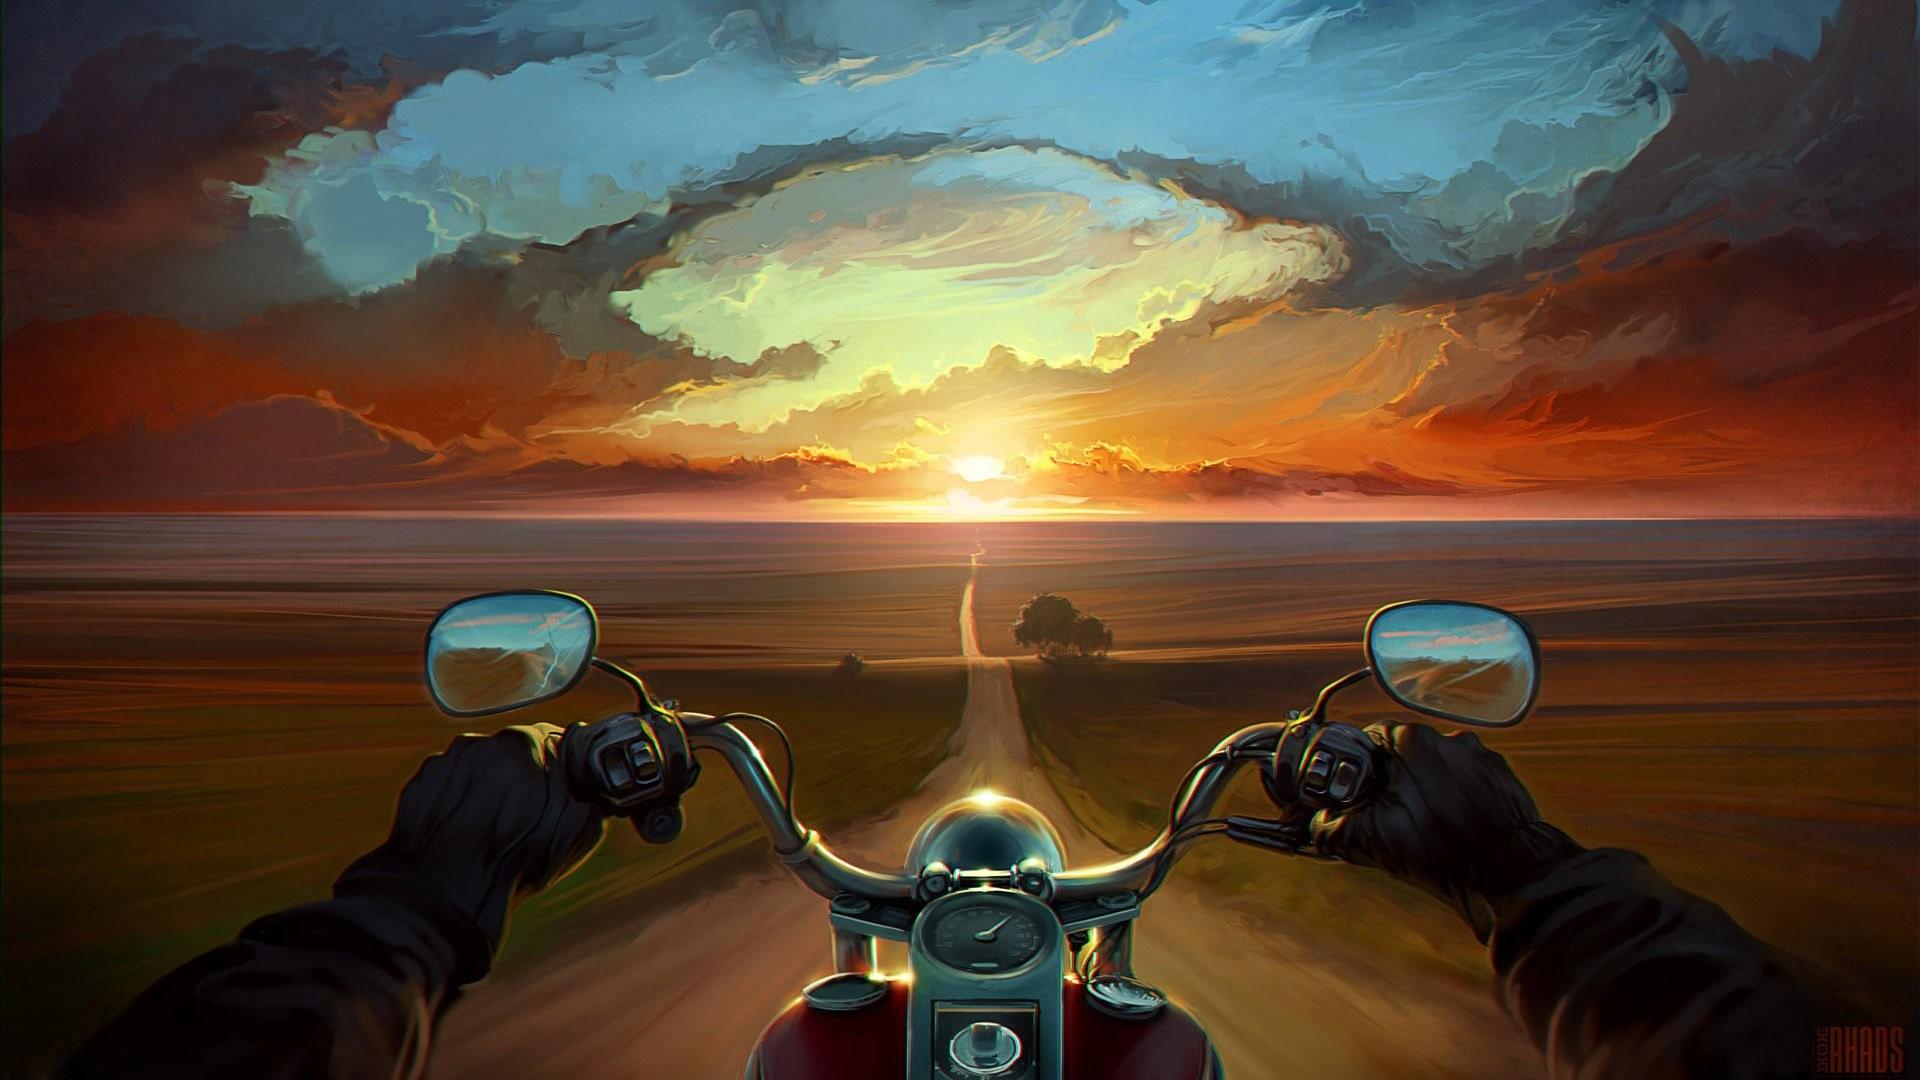 Res: 1920x1080, ... Wallpaper Photos Galleries | BU-45148220 Biker Art ...